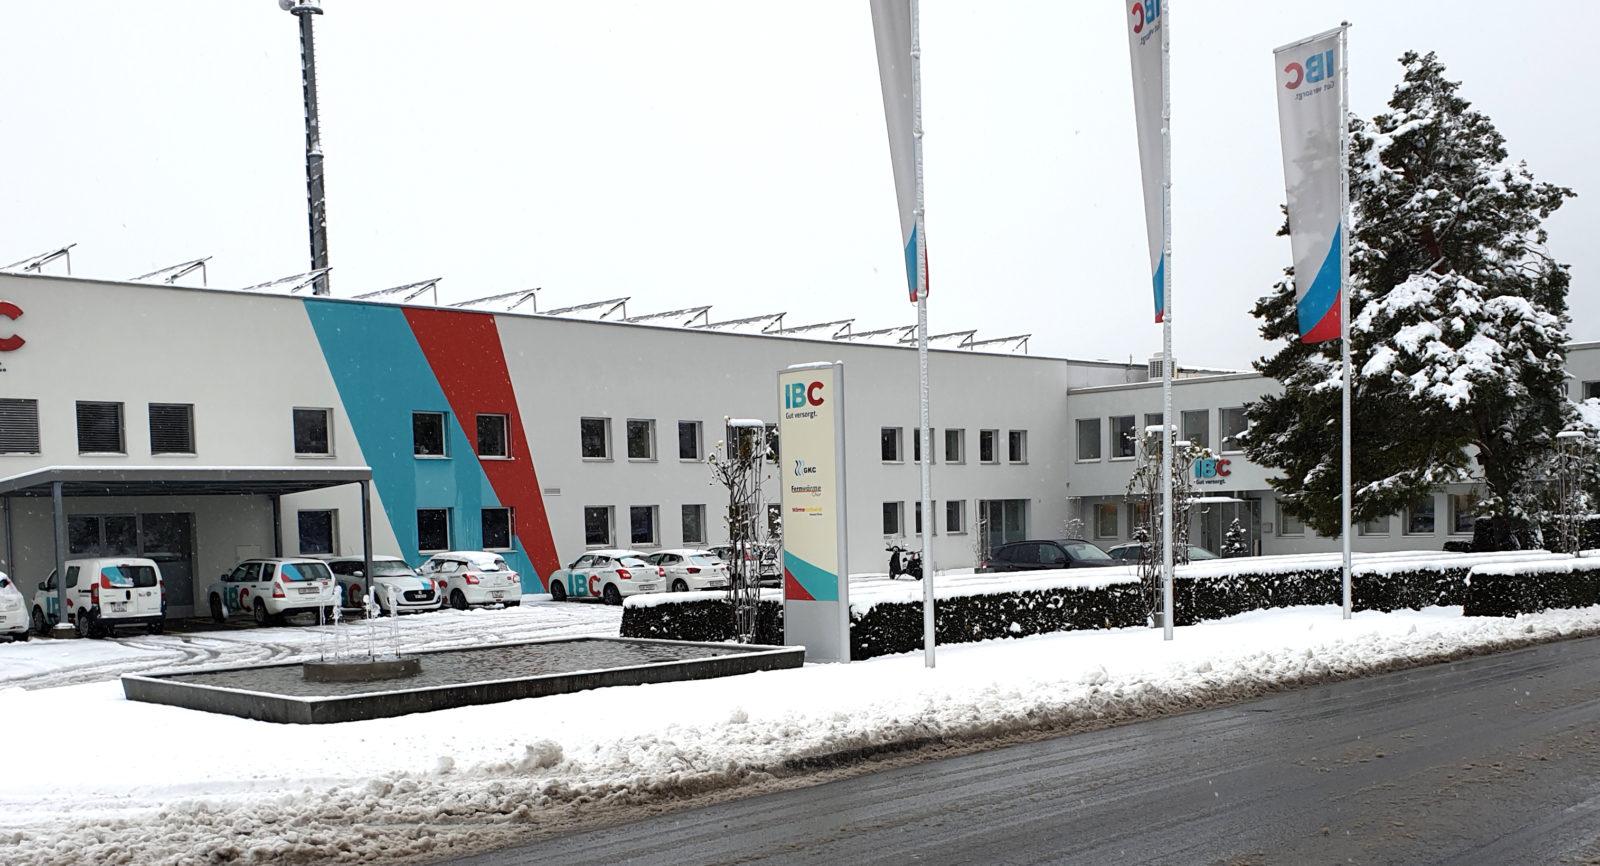 IBC Chur vernetzt die Wärmeproduktion bei unterschiedlichen Rahmenbedingungen.